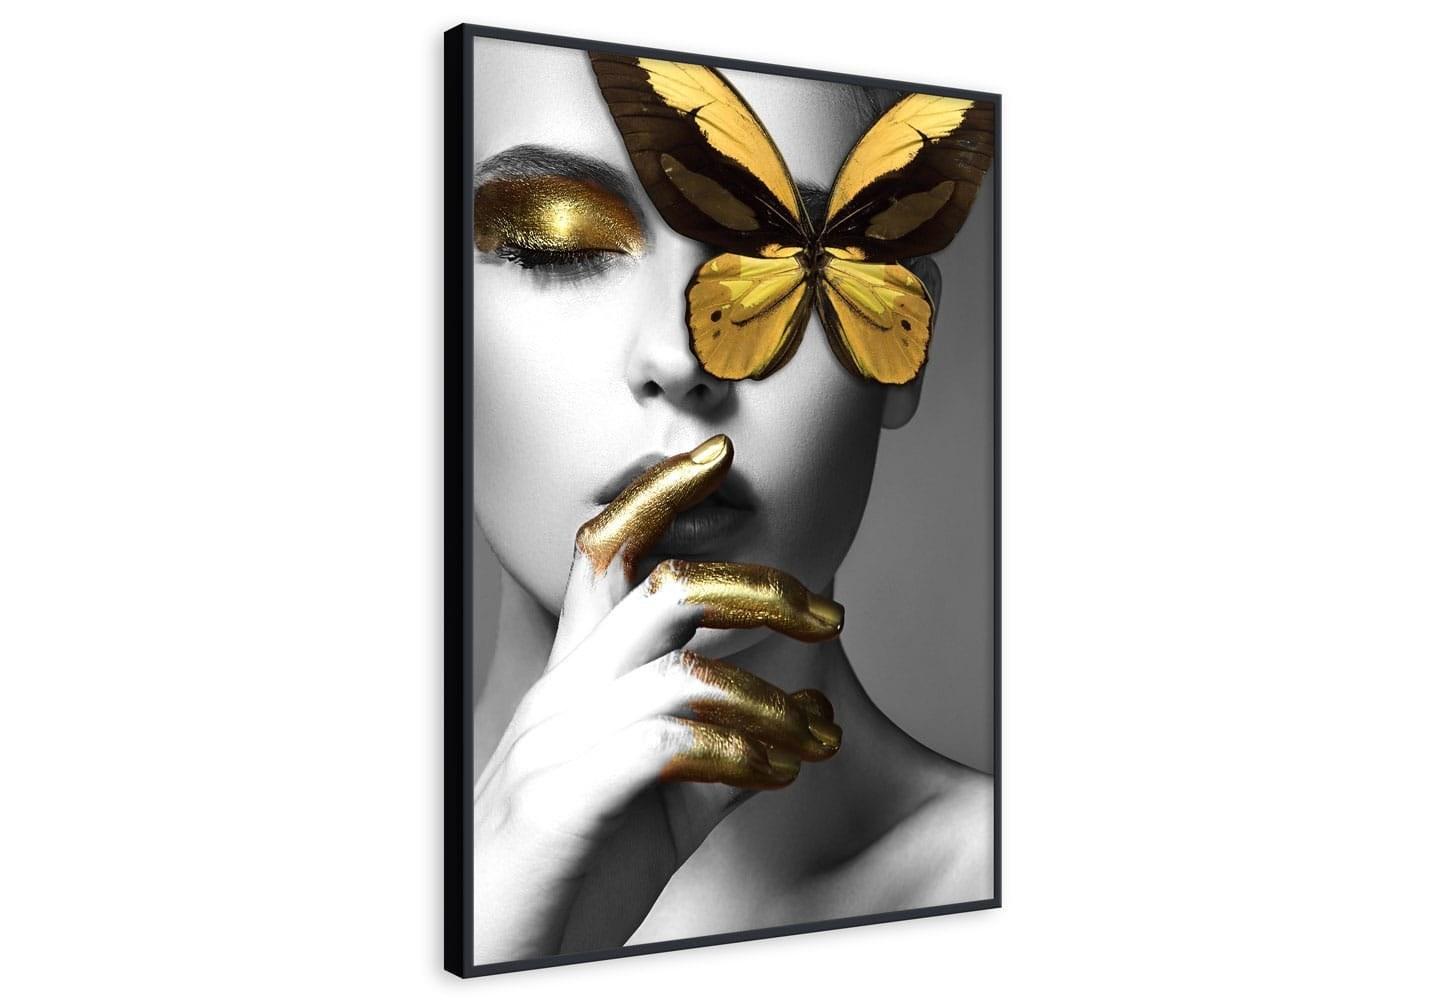 عکس تابلو طرح سکوت پروانهای  تابلو-طرح-سکوت-پروانه-ای